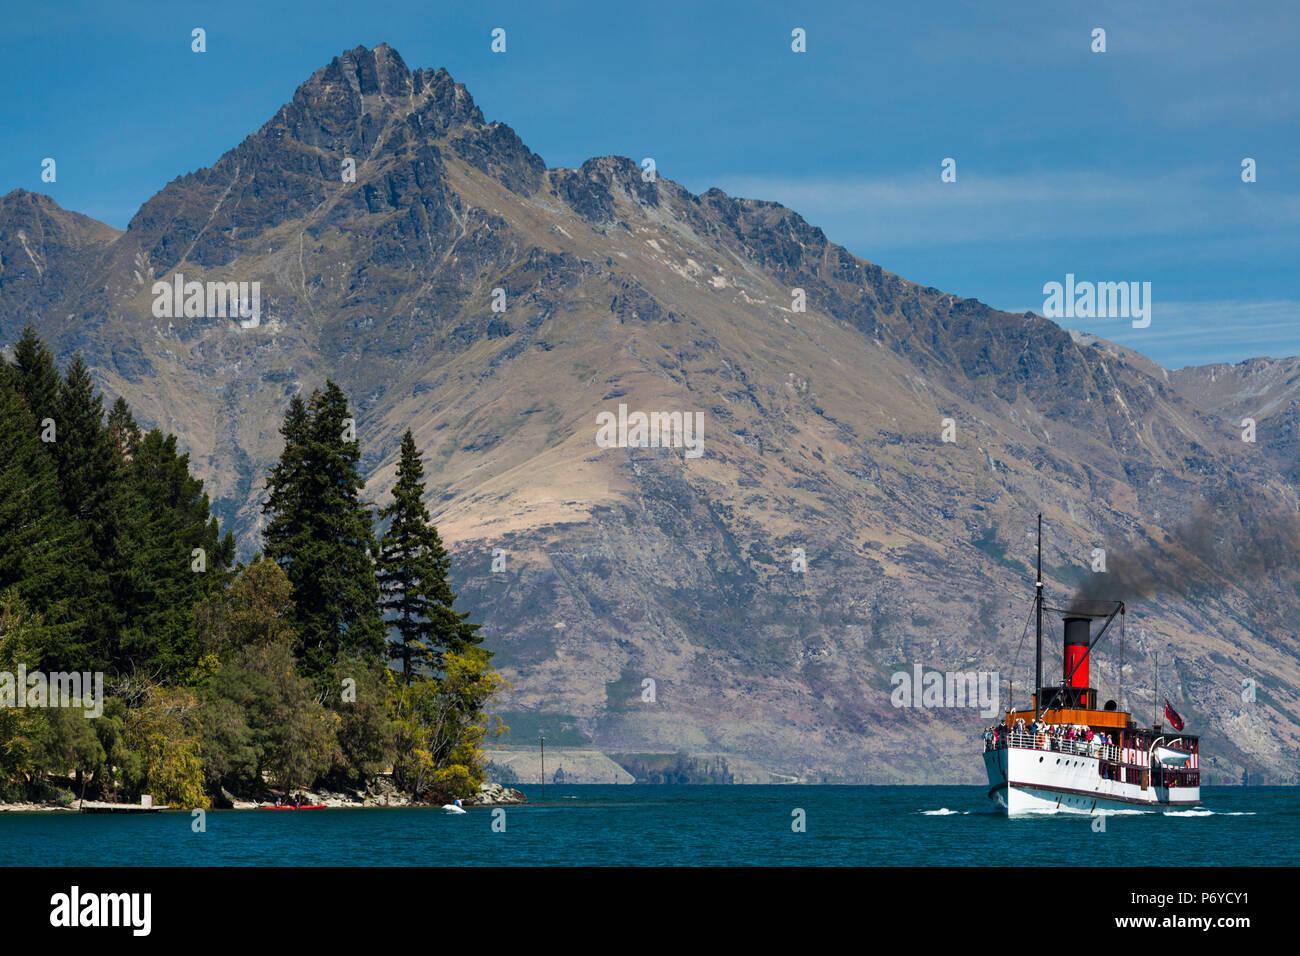 Nuova Zelanda, Isola del Sud, Otago, Queenstown, il Remarkables Mountains con il sistema di cottura a vapore TSS Earnslaw Immagini Stock